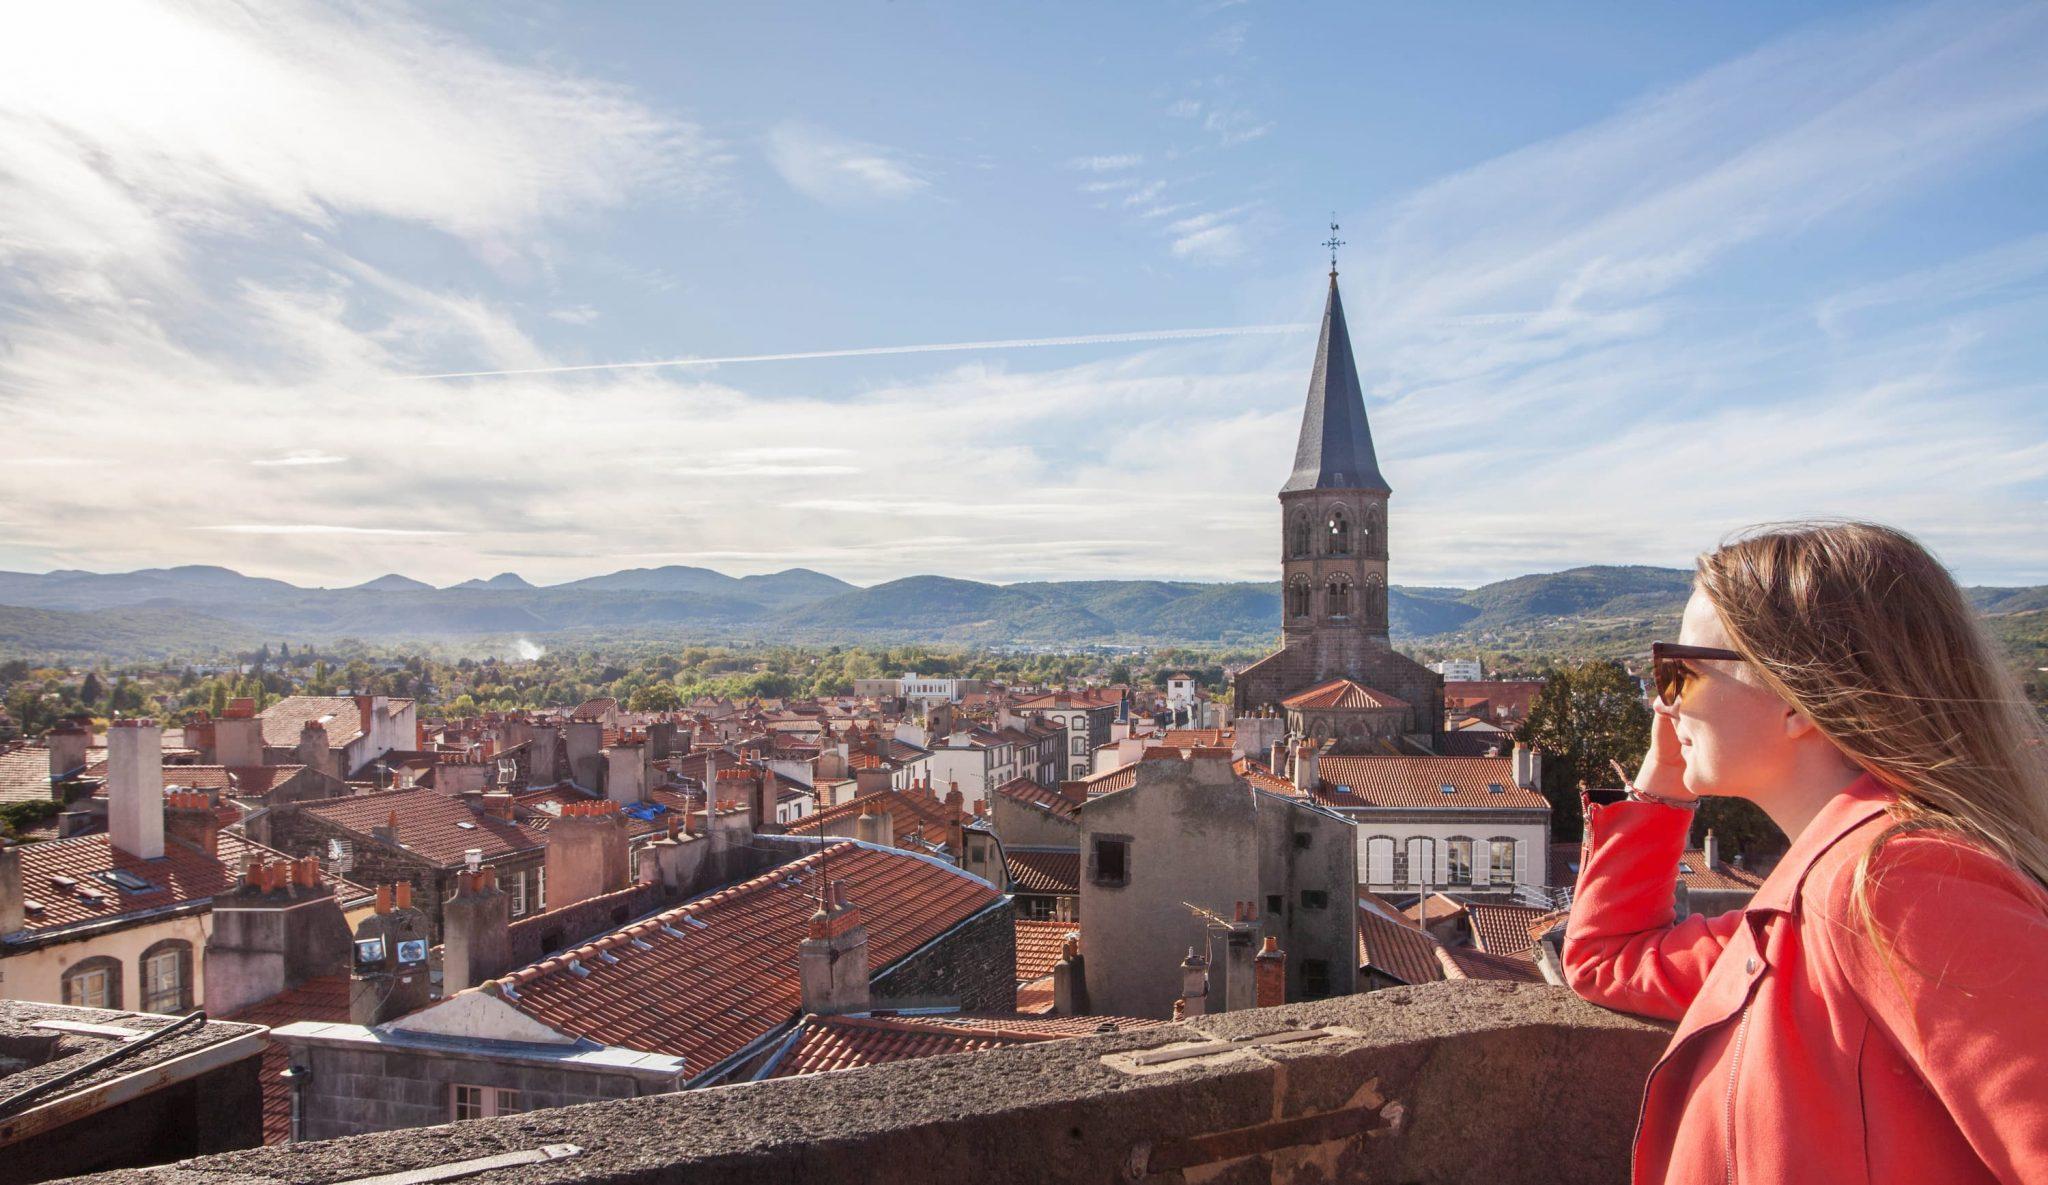 Pays d'art et d'histoire, villes et villages